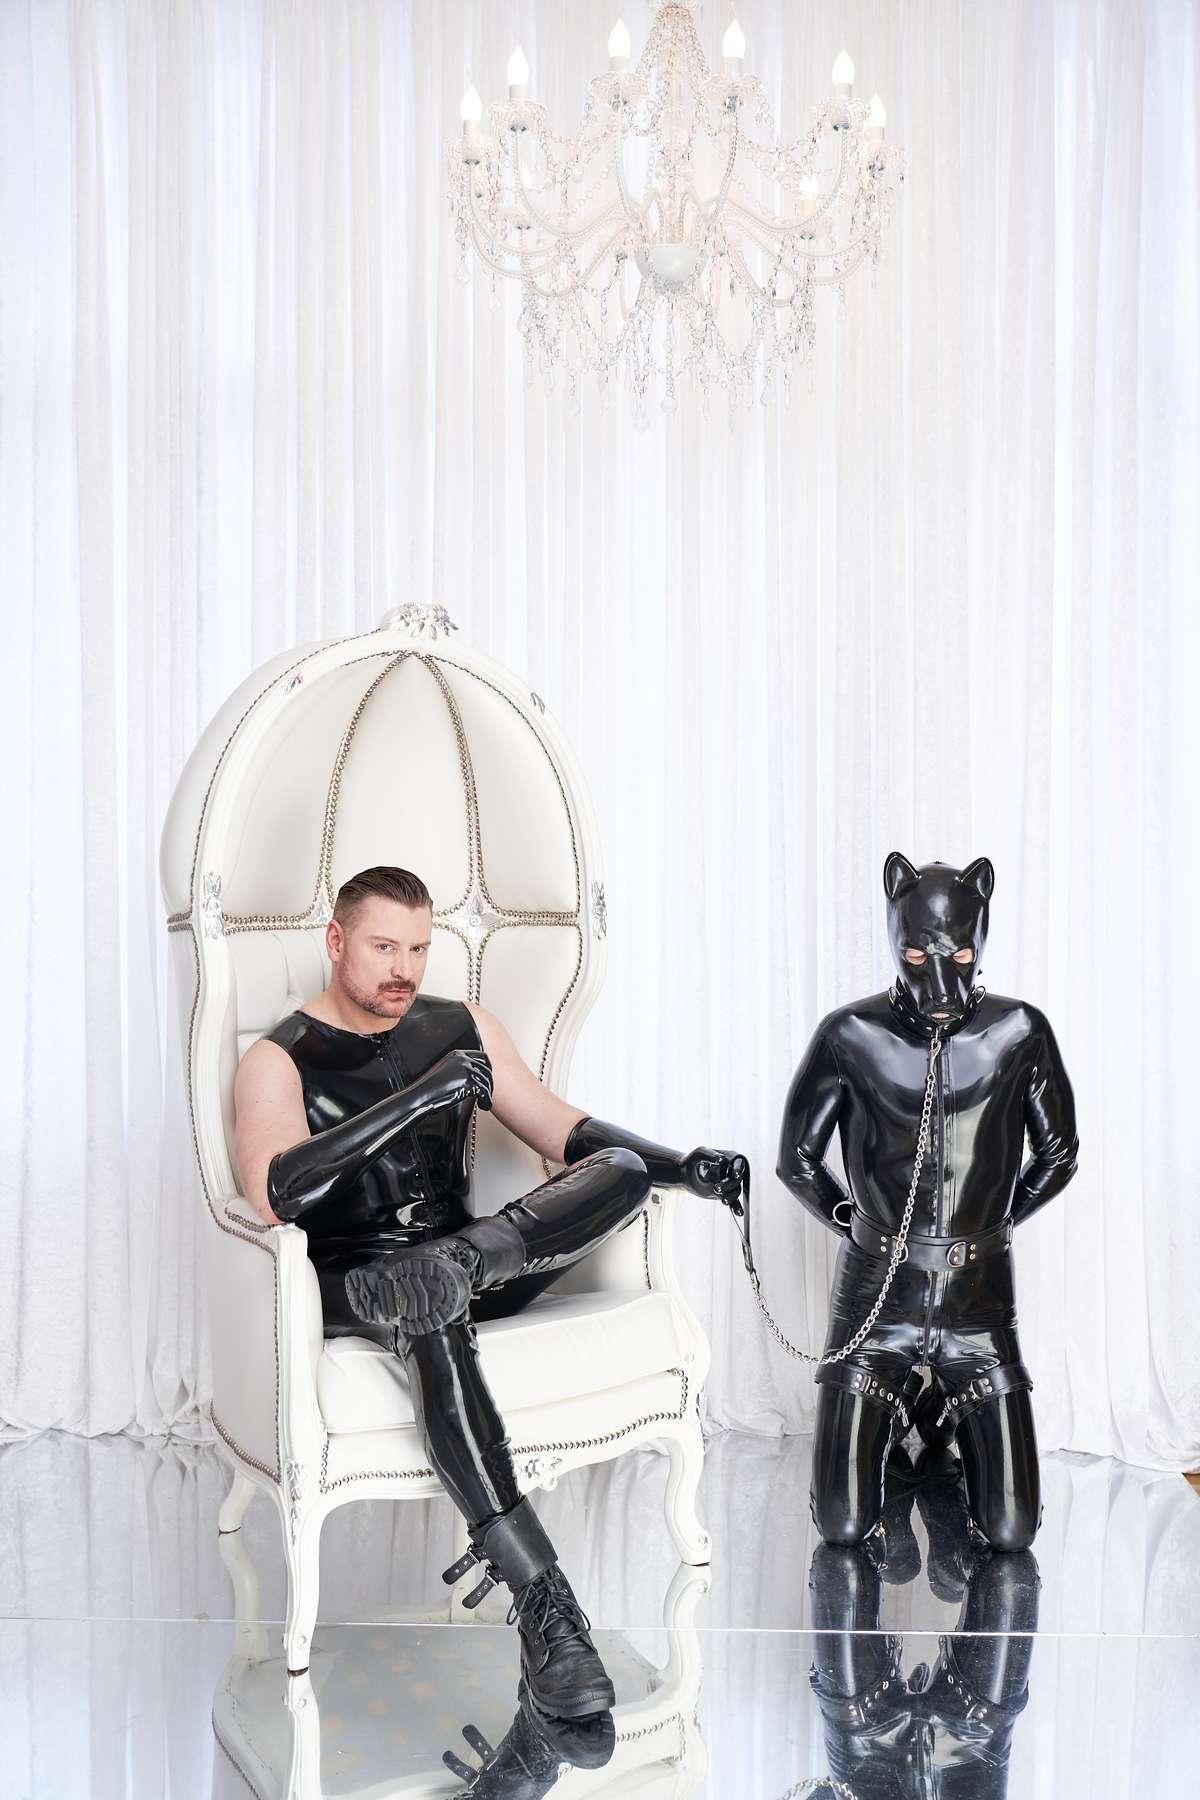 Luxus Umgebung in Weiß mit Kandelaber und Thron Sessel mit SM Master Andre alias Dominus.Berlin in Rubber und Hunde Sklave DesDominusDiener in Latex Outfit an Kette